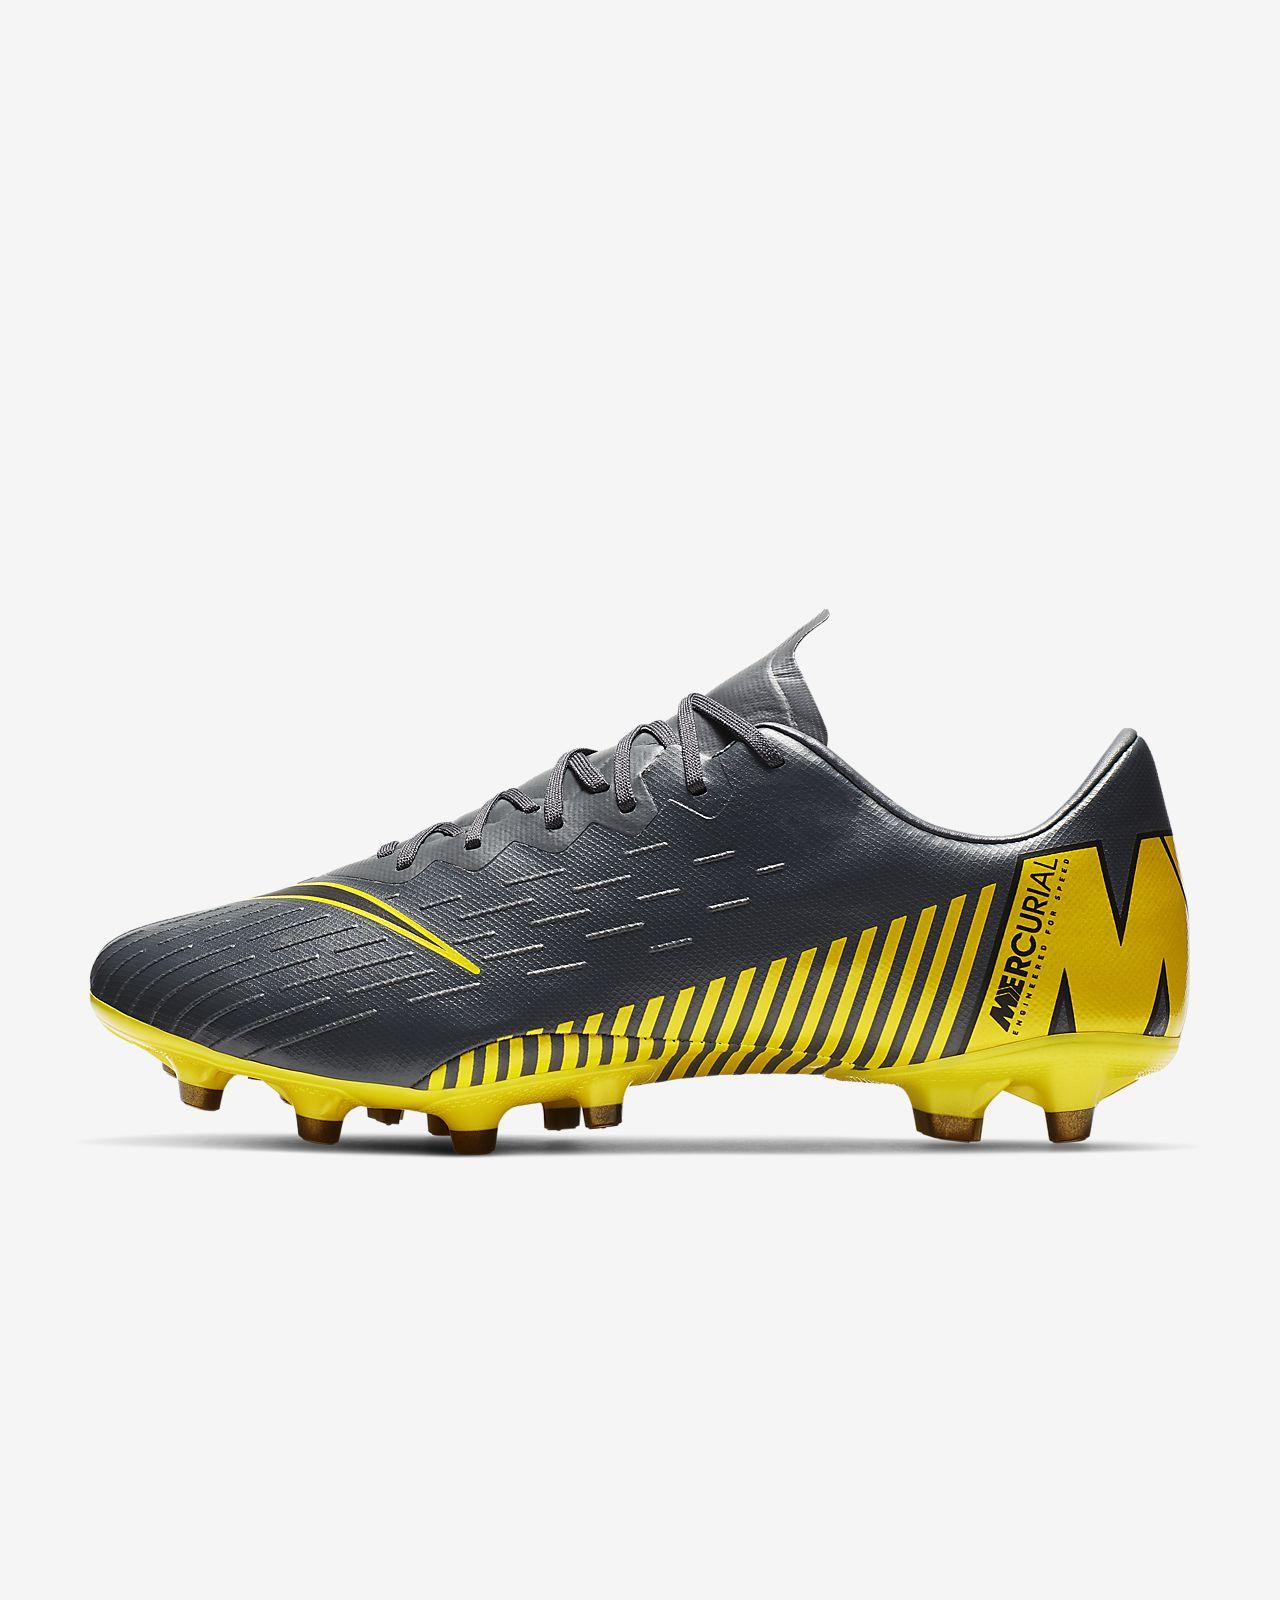 9848dd6249ad0 ... Chaussure de football à crampons pour terrain synthétique Nike  Mercurial Vapor XII Pro AG-PRO